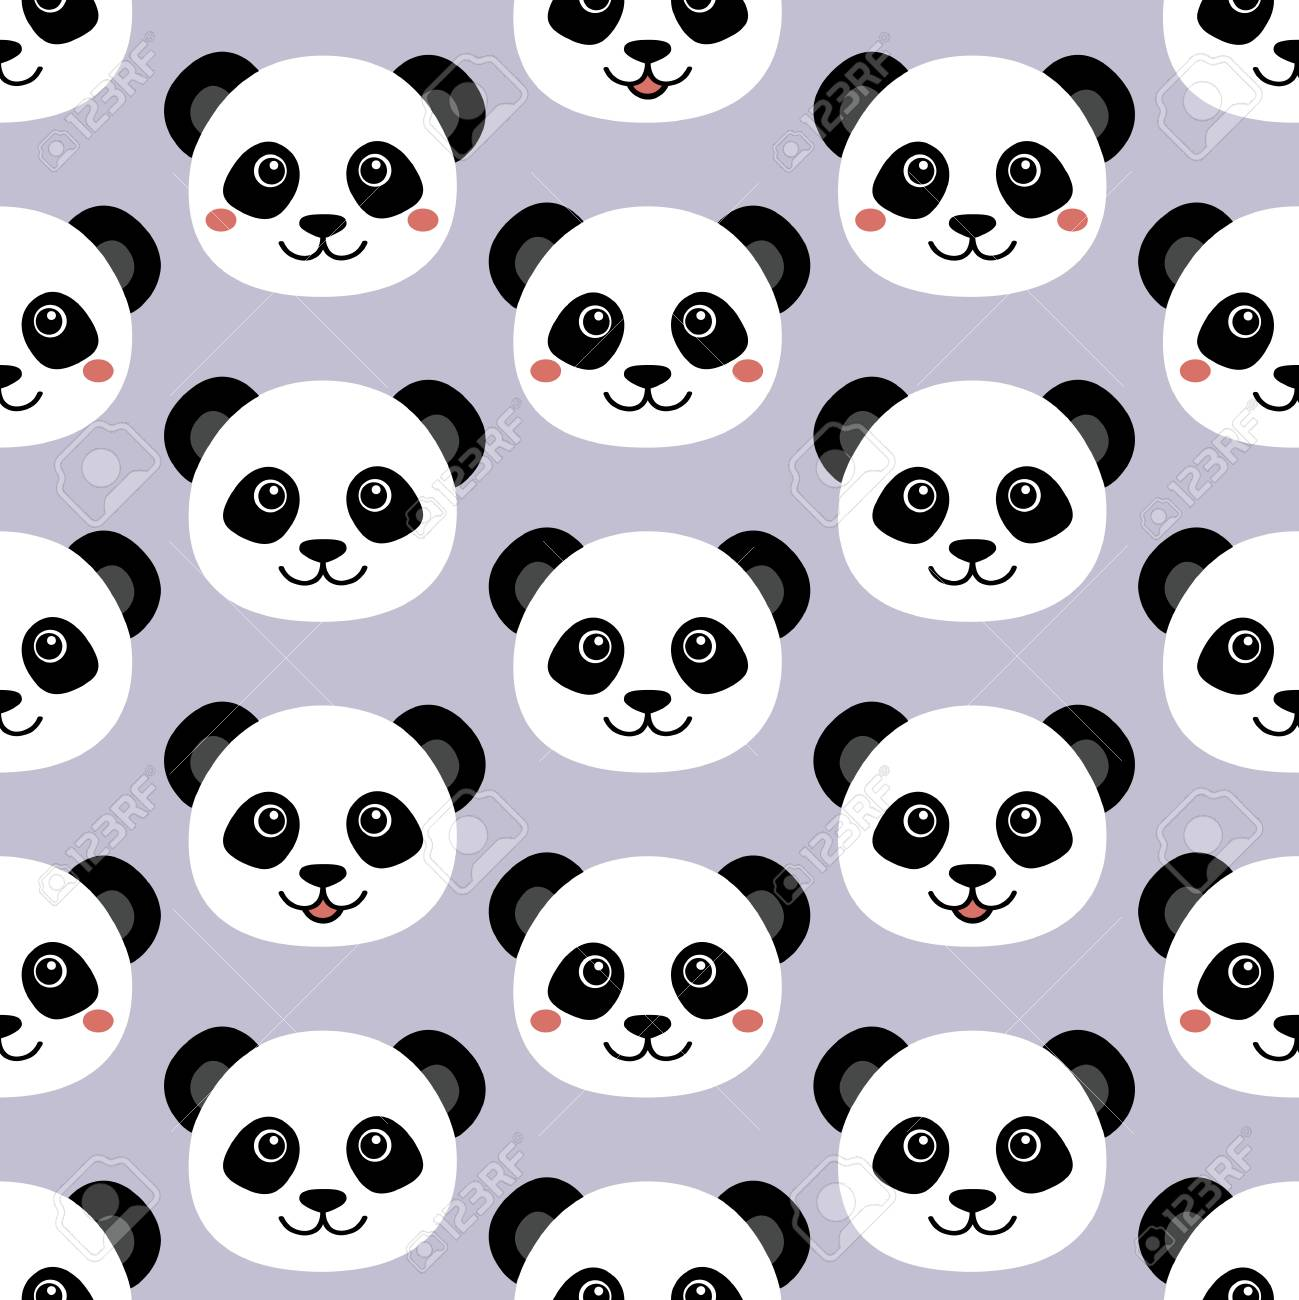 Cute Panda Face Seamless Cartoon Wallpaper Royalty Free Cliparts